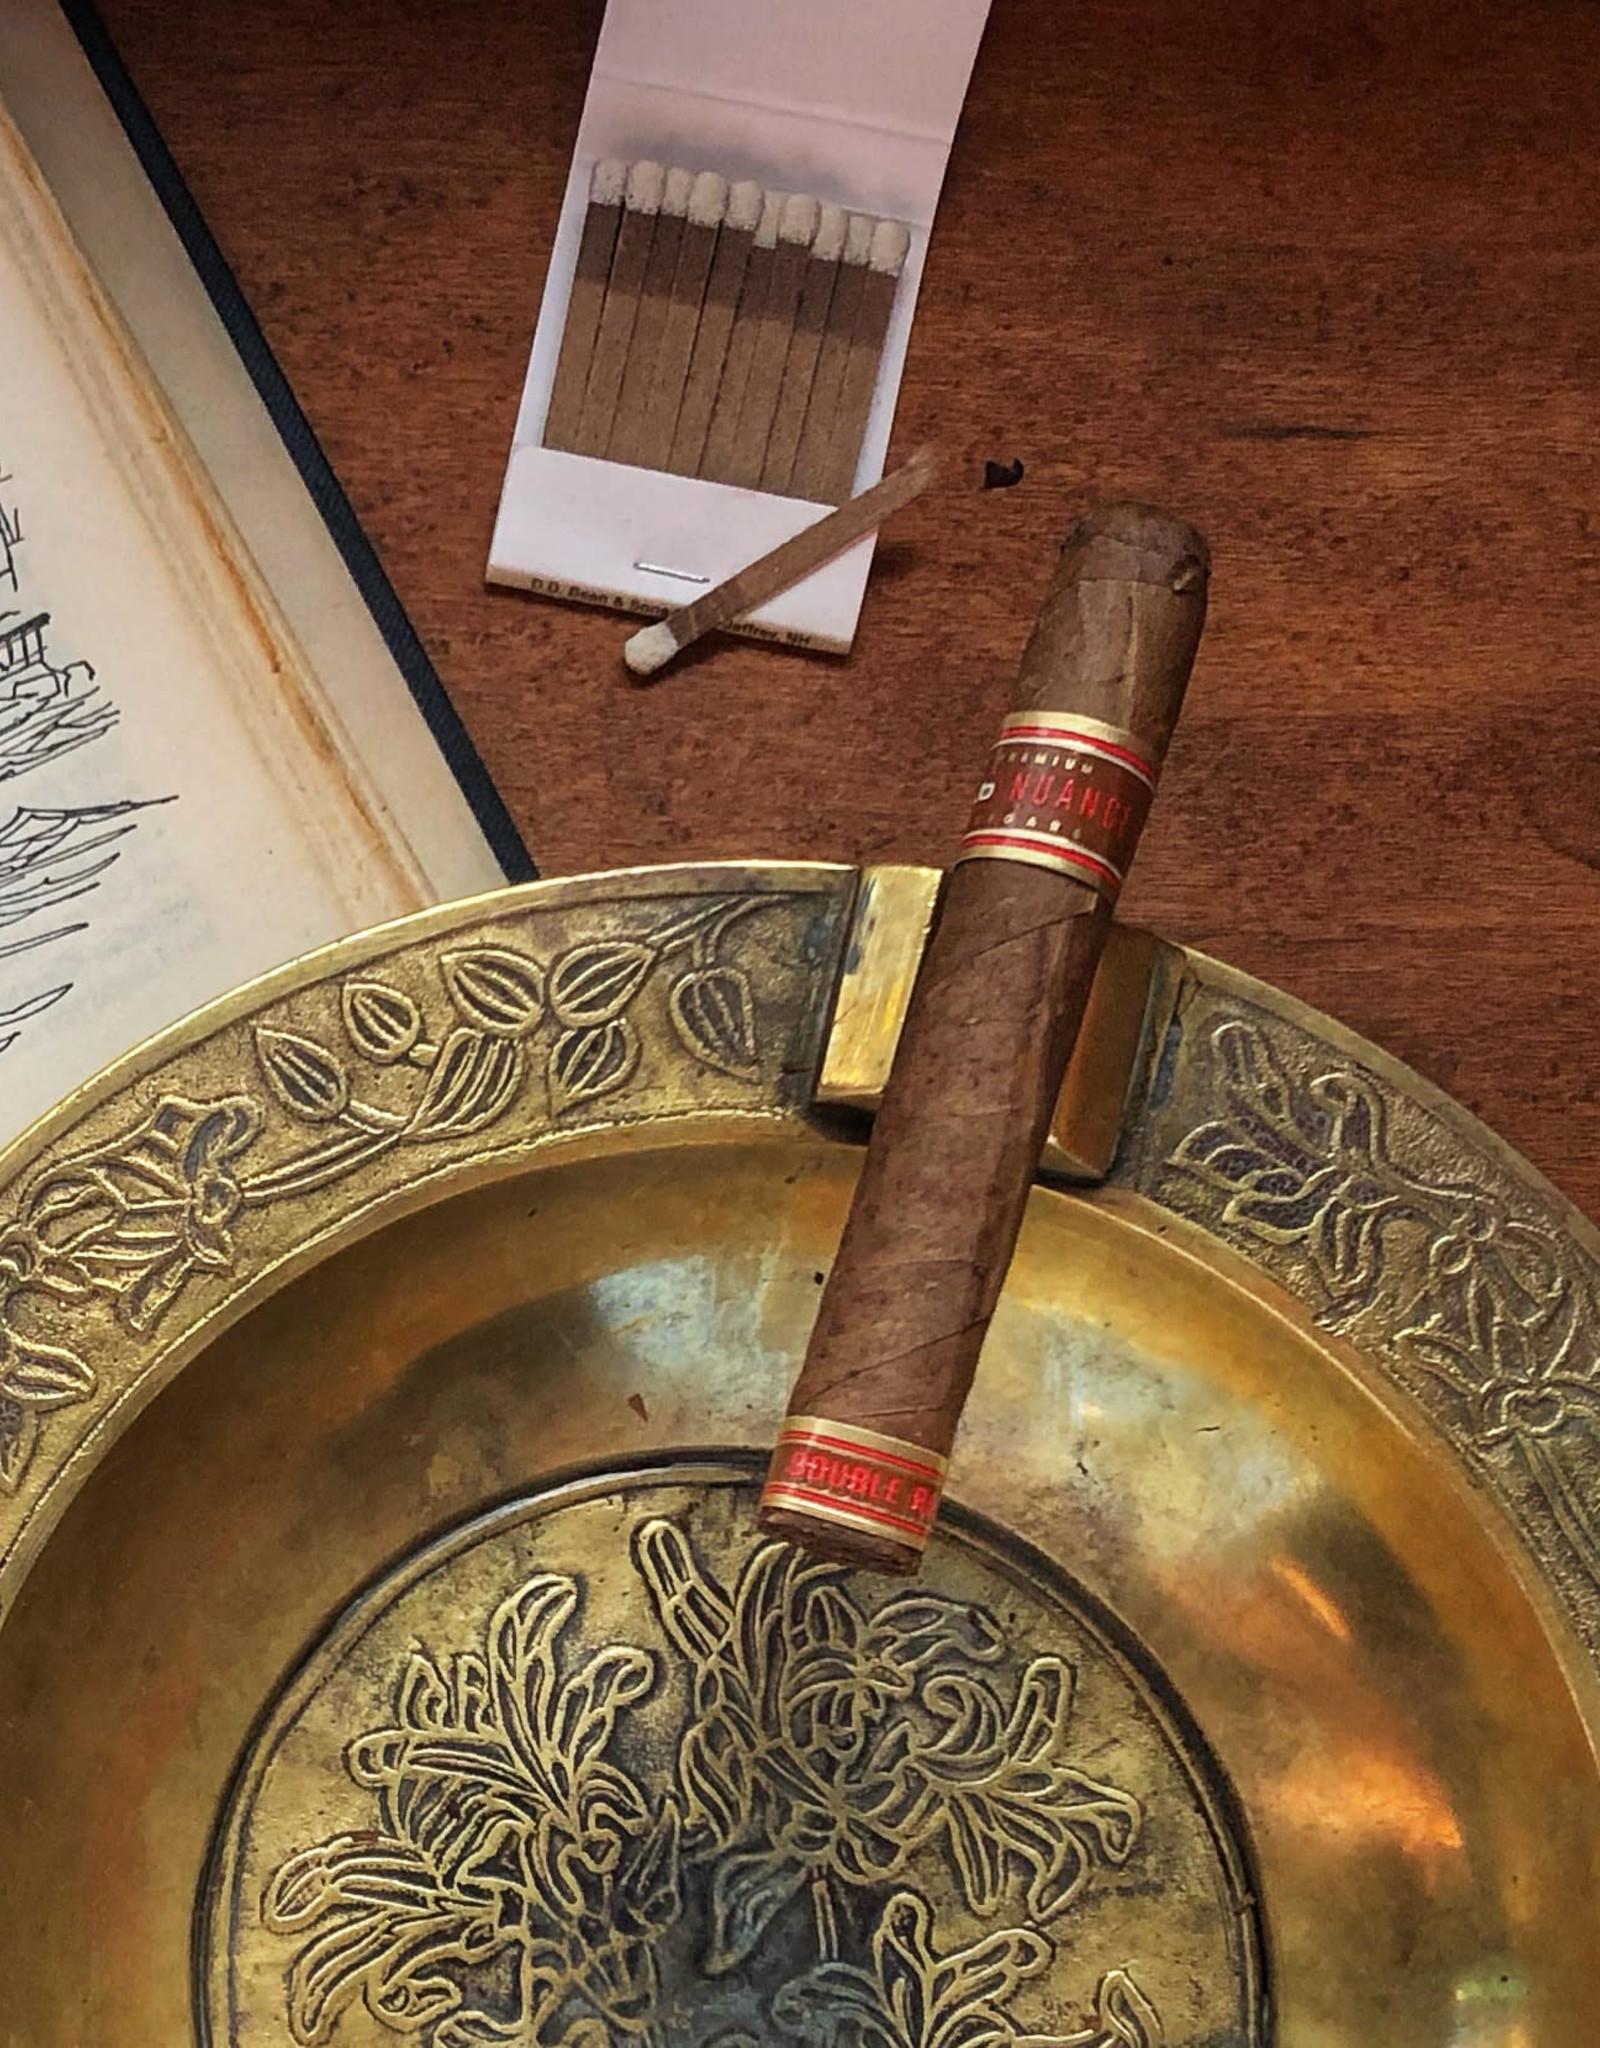 Oliva Oliva Nub Nuance Coffee Cigars Double Roast Petit Corona 4 x 38